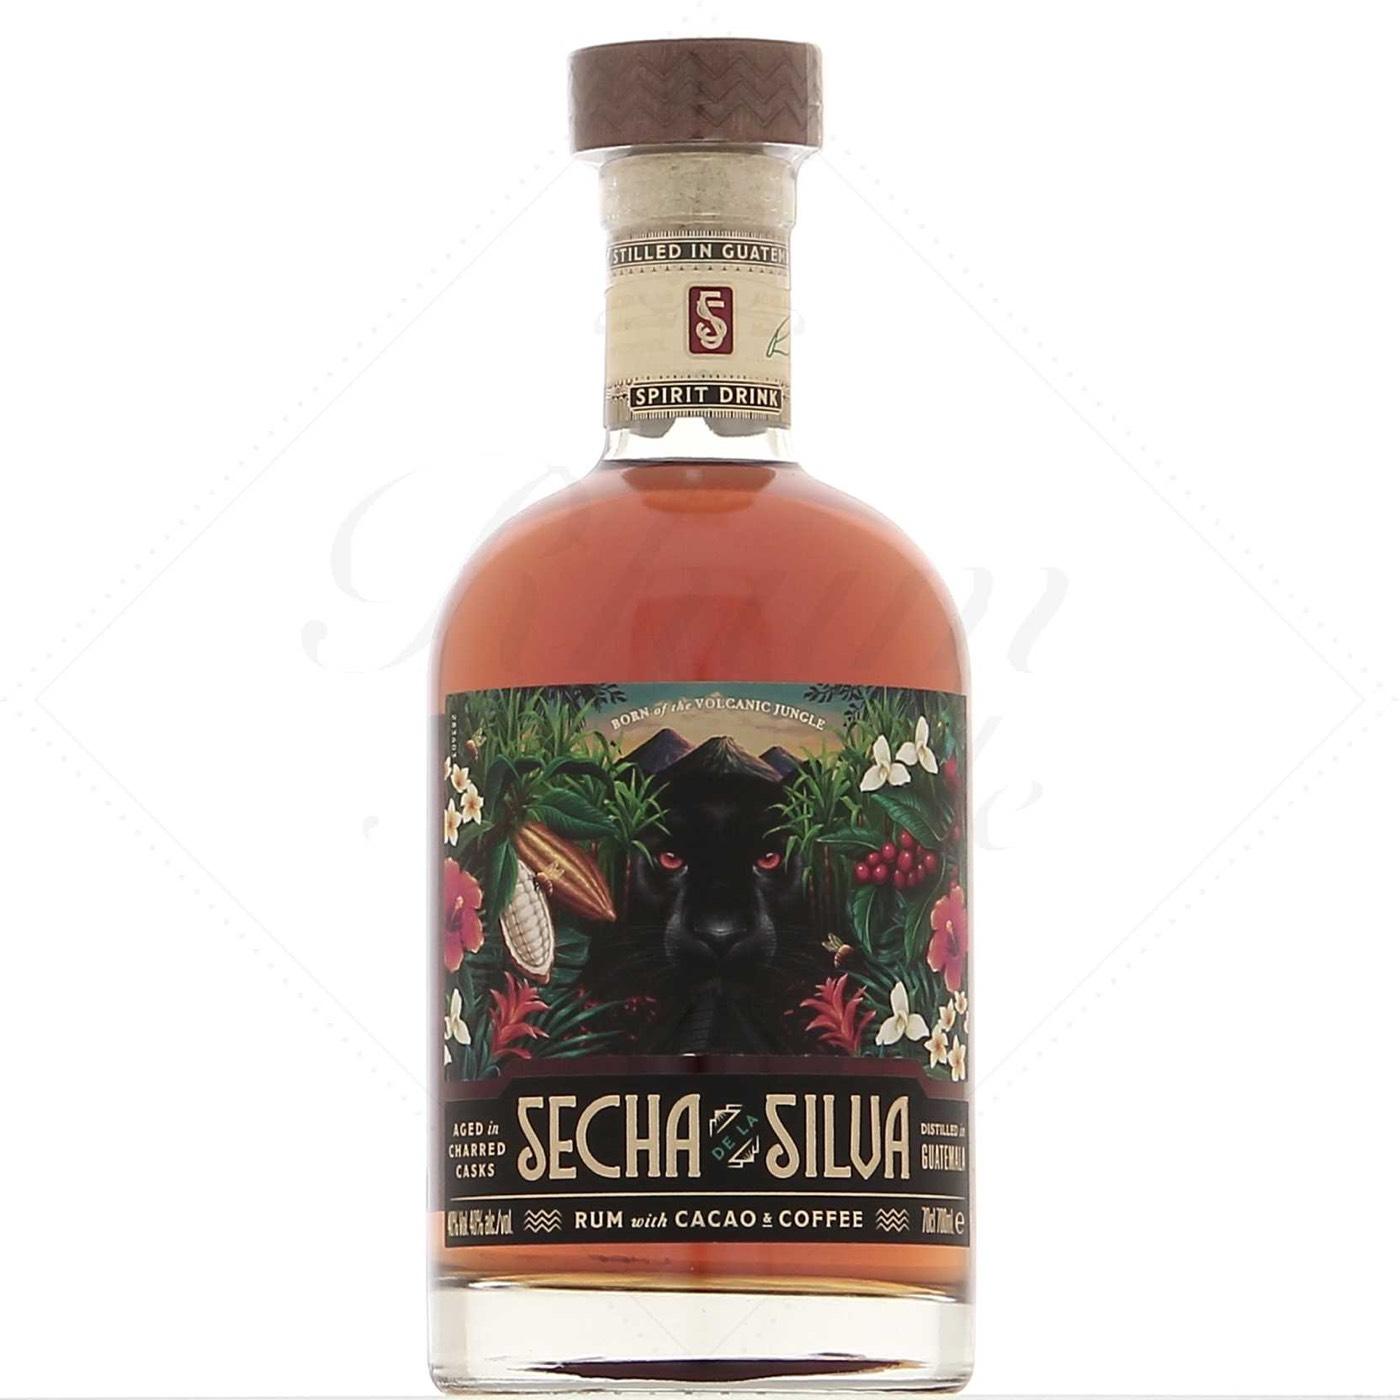 Bottle image of Secha de la Silva